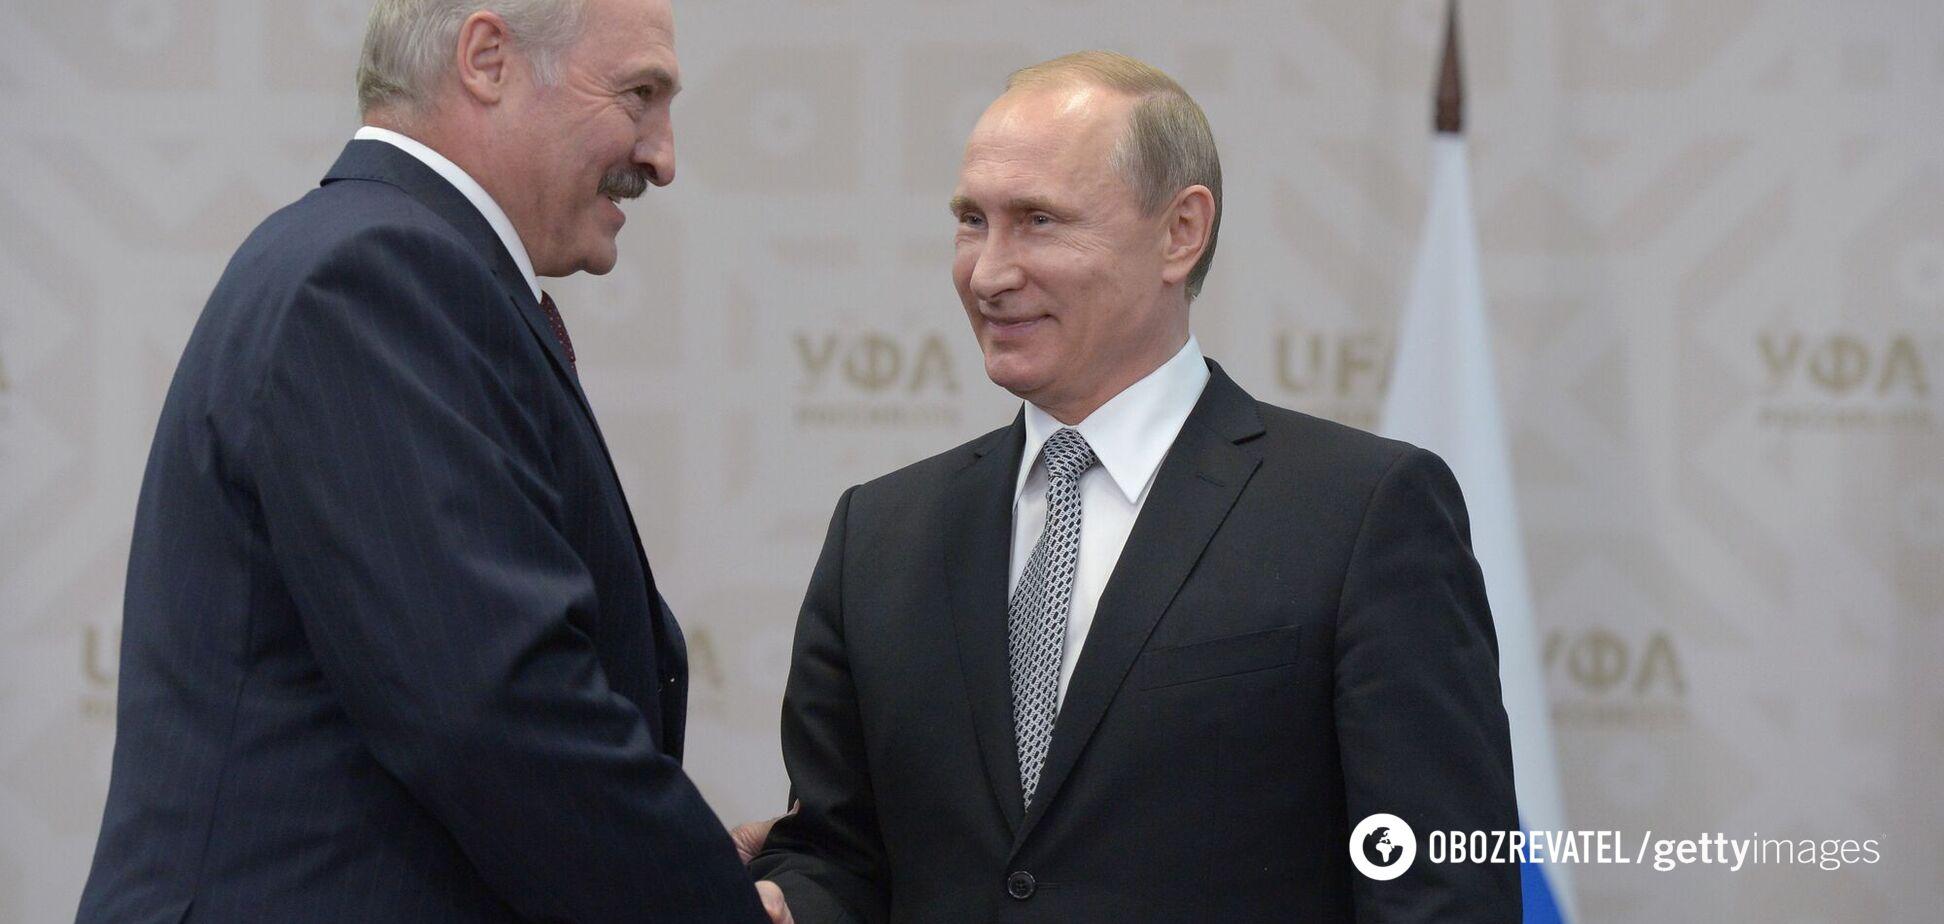 Здичавілий м'ясник на першу ж вимогу Путіна пірне у воду